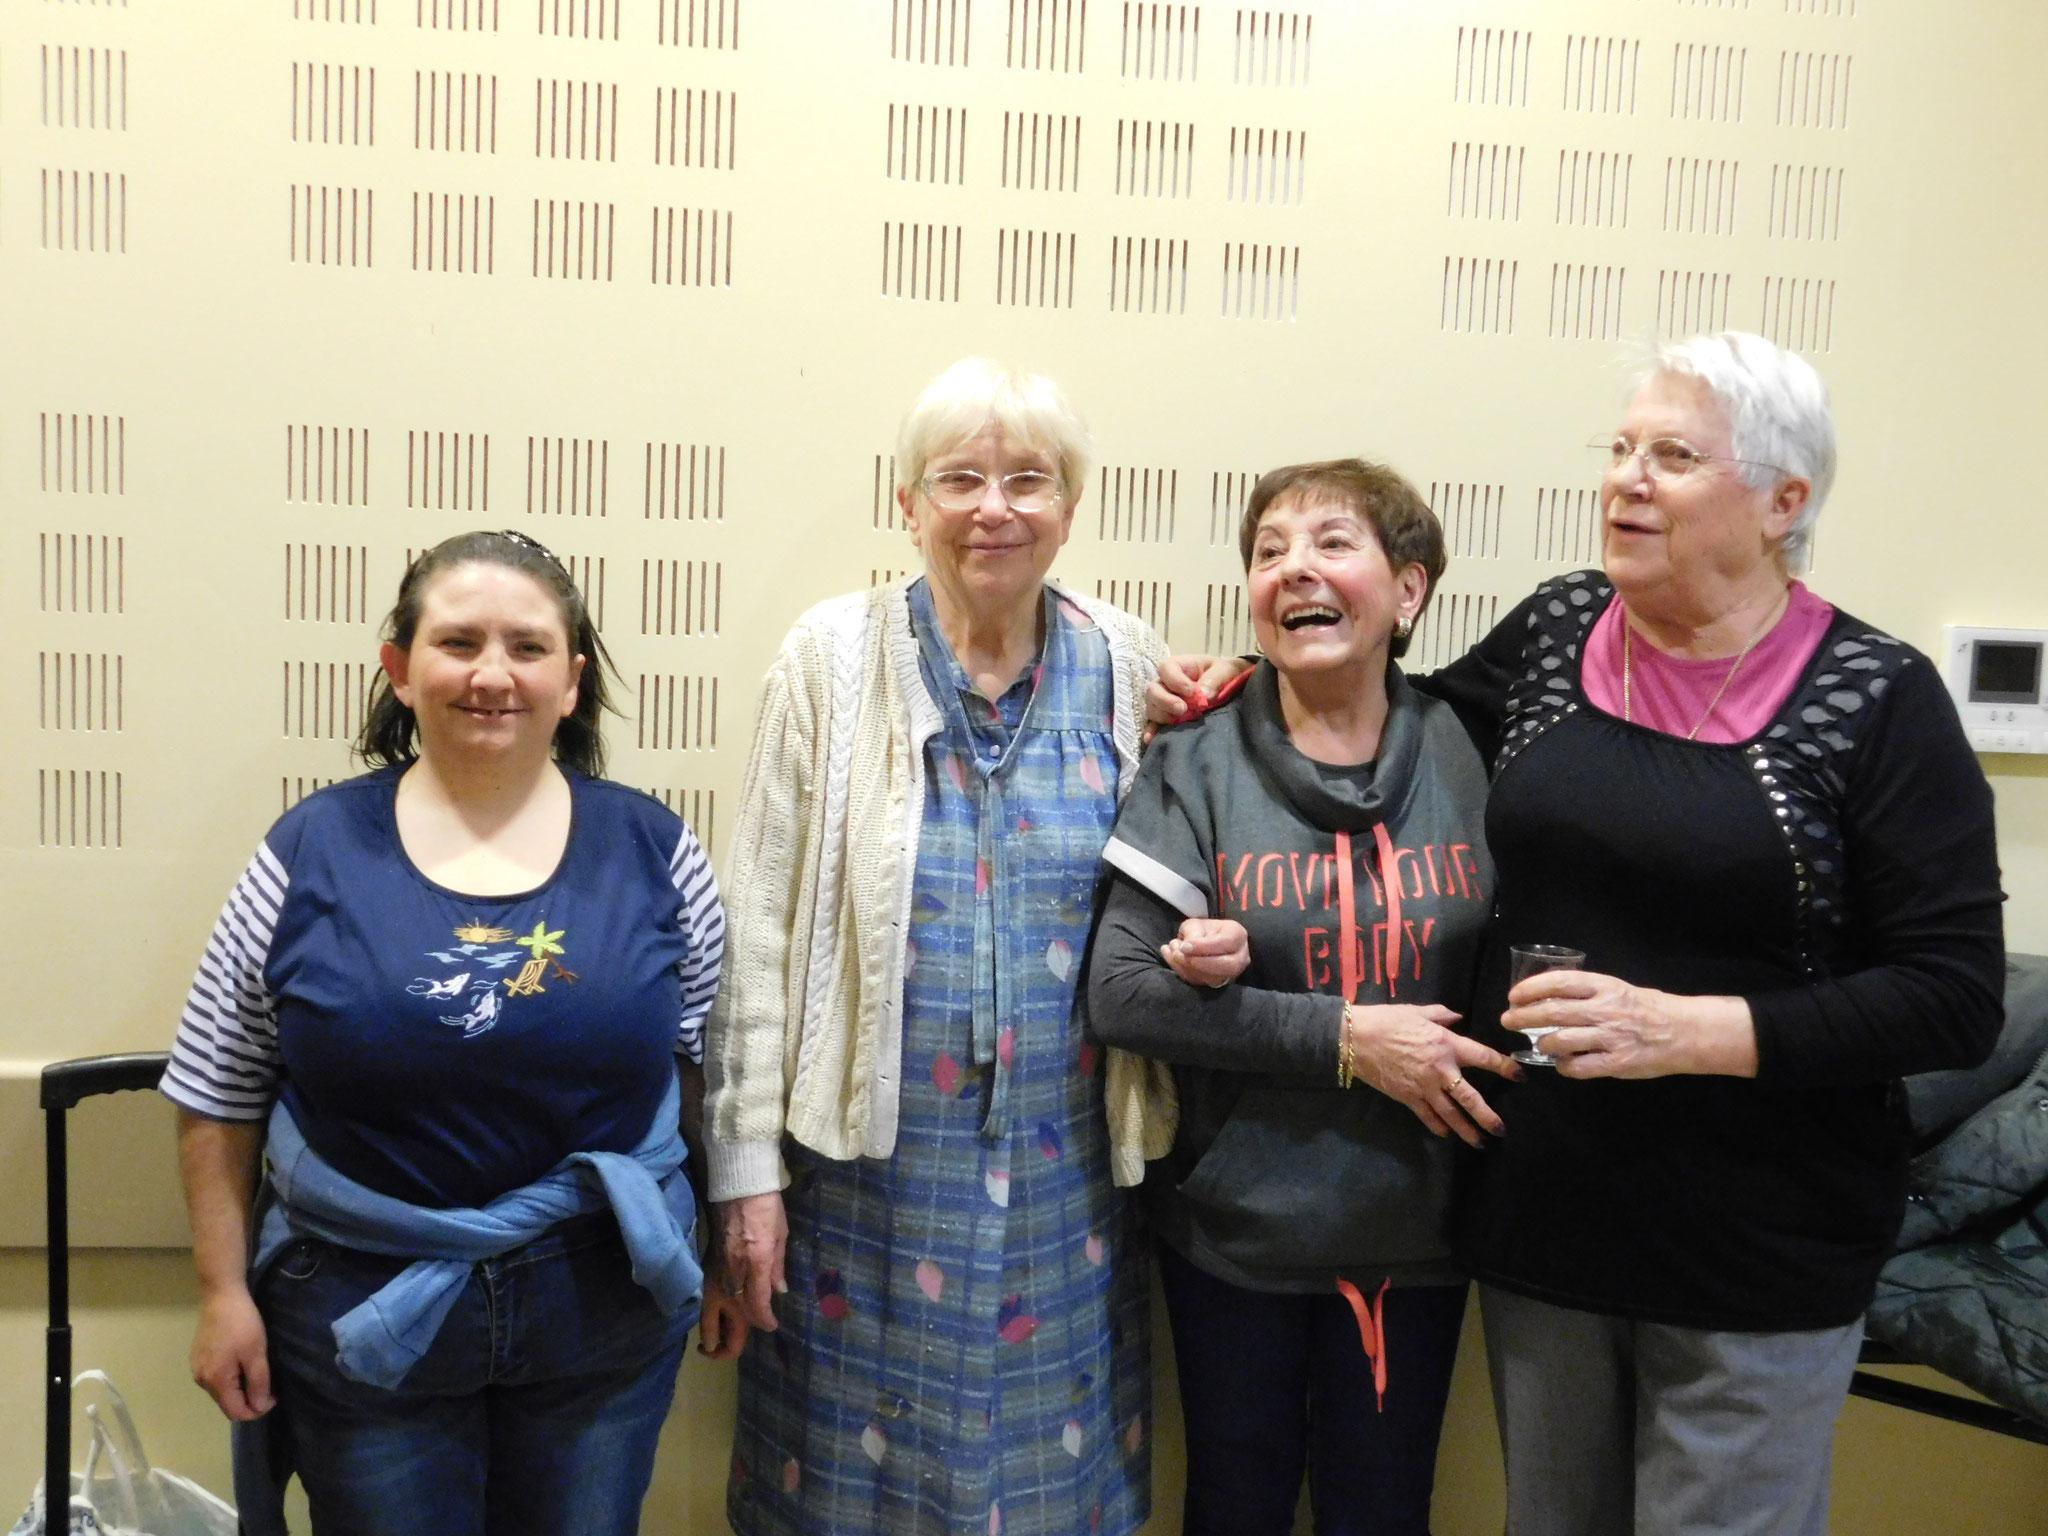 Anniversaire de Marie-Line,Jeanine,Juliette et Michèle le 9 Décembre 2016